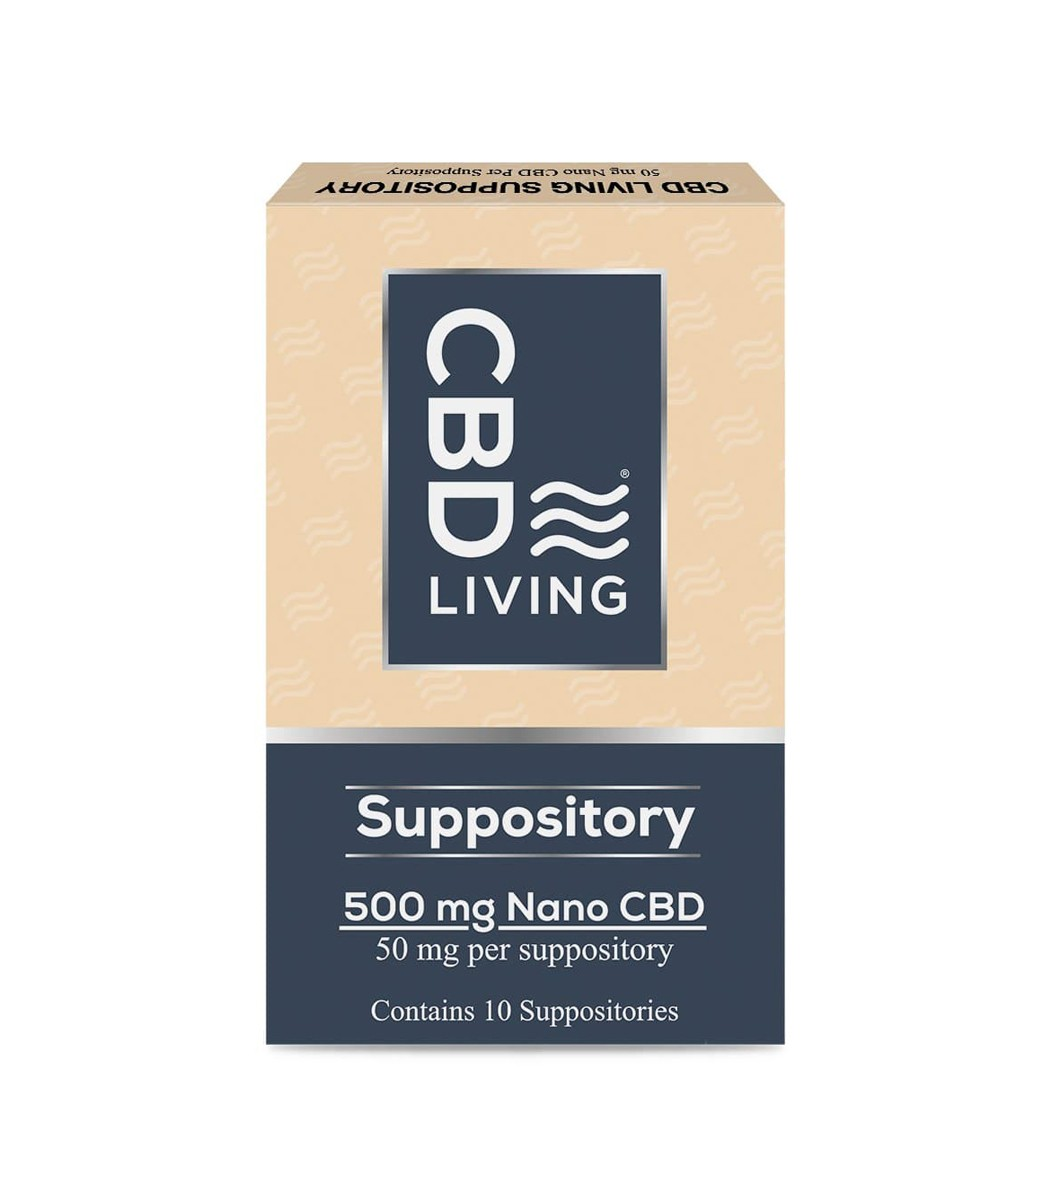 Суппозиторий CBD 12шт., 50мг CBD в Свече, Ректальные Свечи с КБД, Suppositories 500 mg CBD Living, США